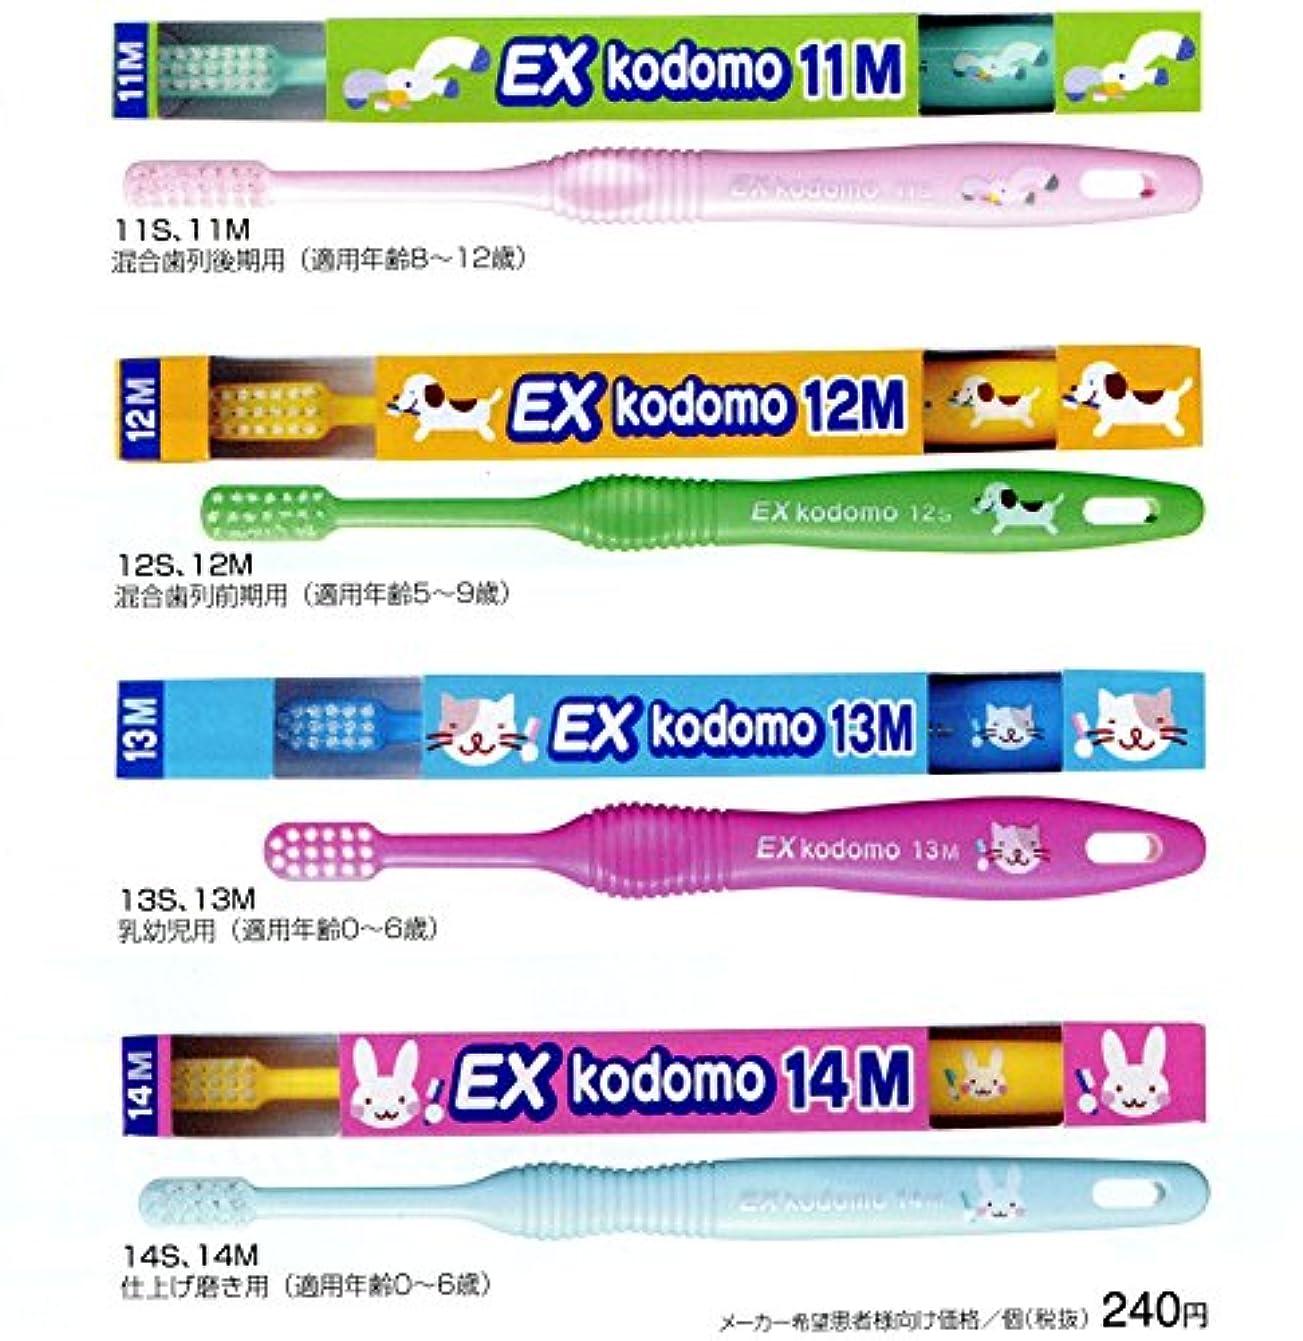 ライオン コドモ DENT.EX kodomo 1本 14M  ピンク (仕上げ磨き用?0?6歳)